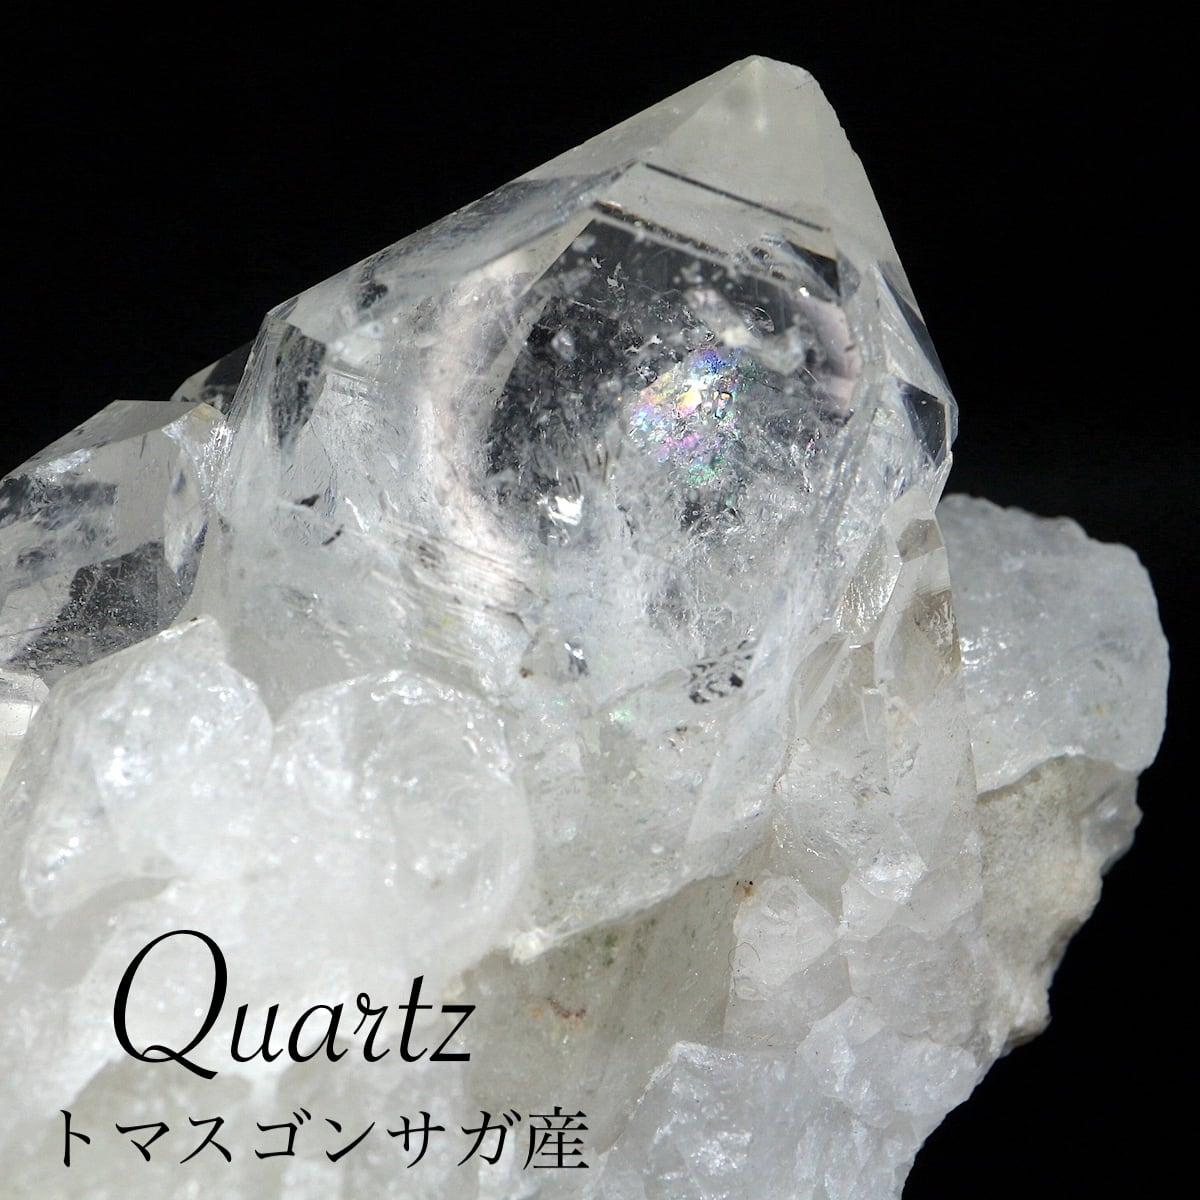 トマスゴンサガ産 クォーツ クリスタル クラスター 131,7g 水晶 ポイント QZ089 鉱物 天然石 パワーストーン ヒーリング